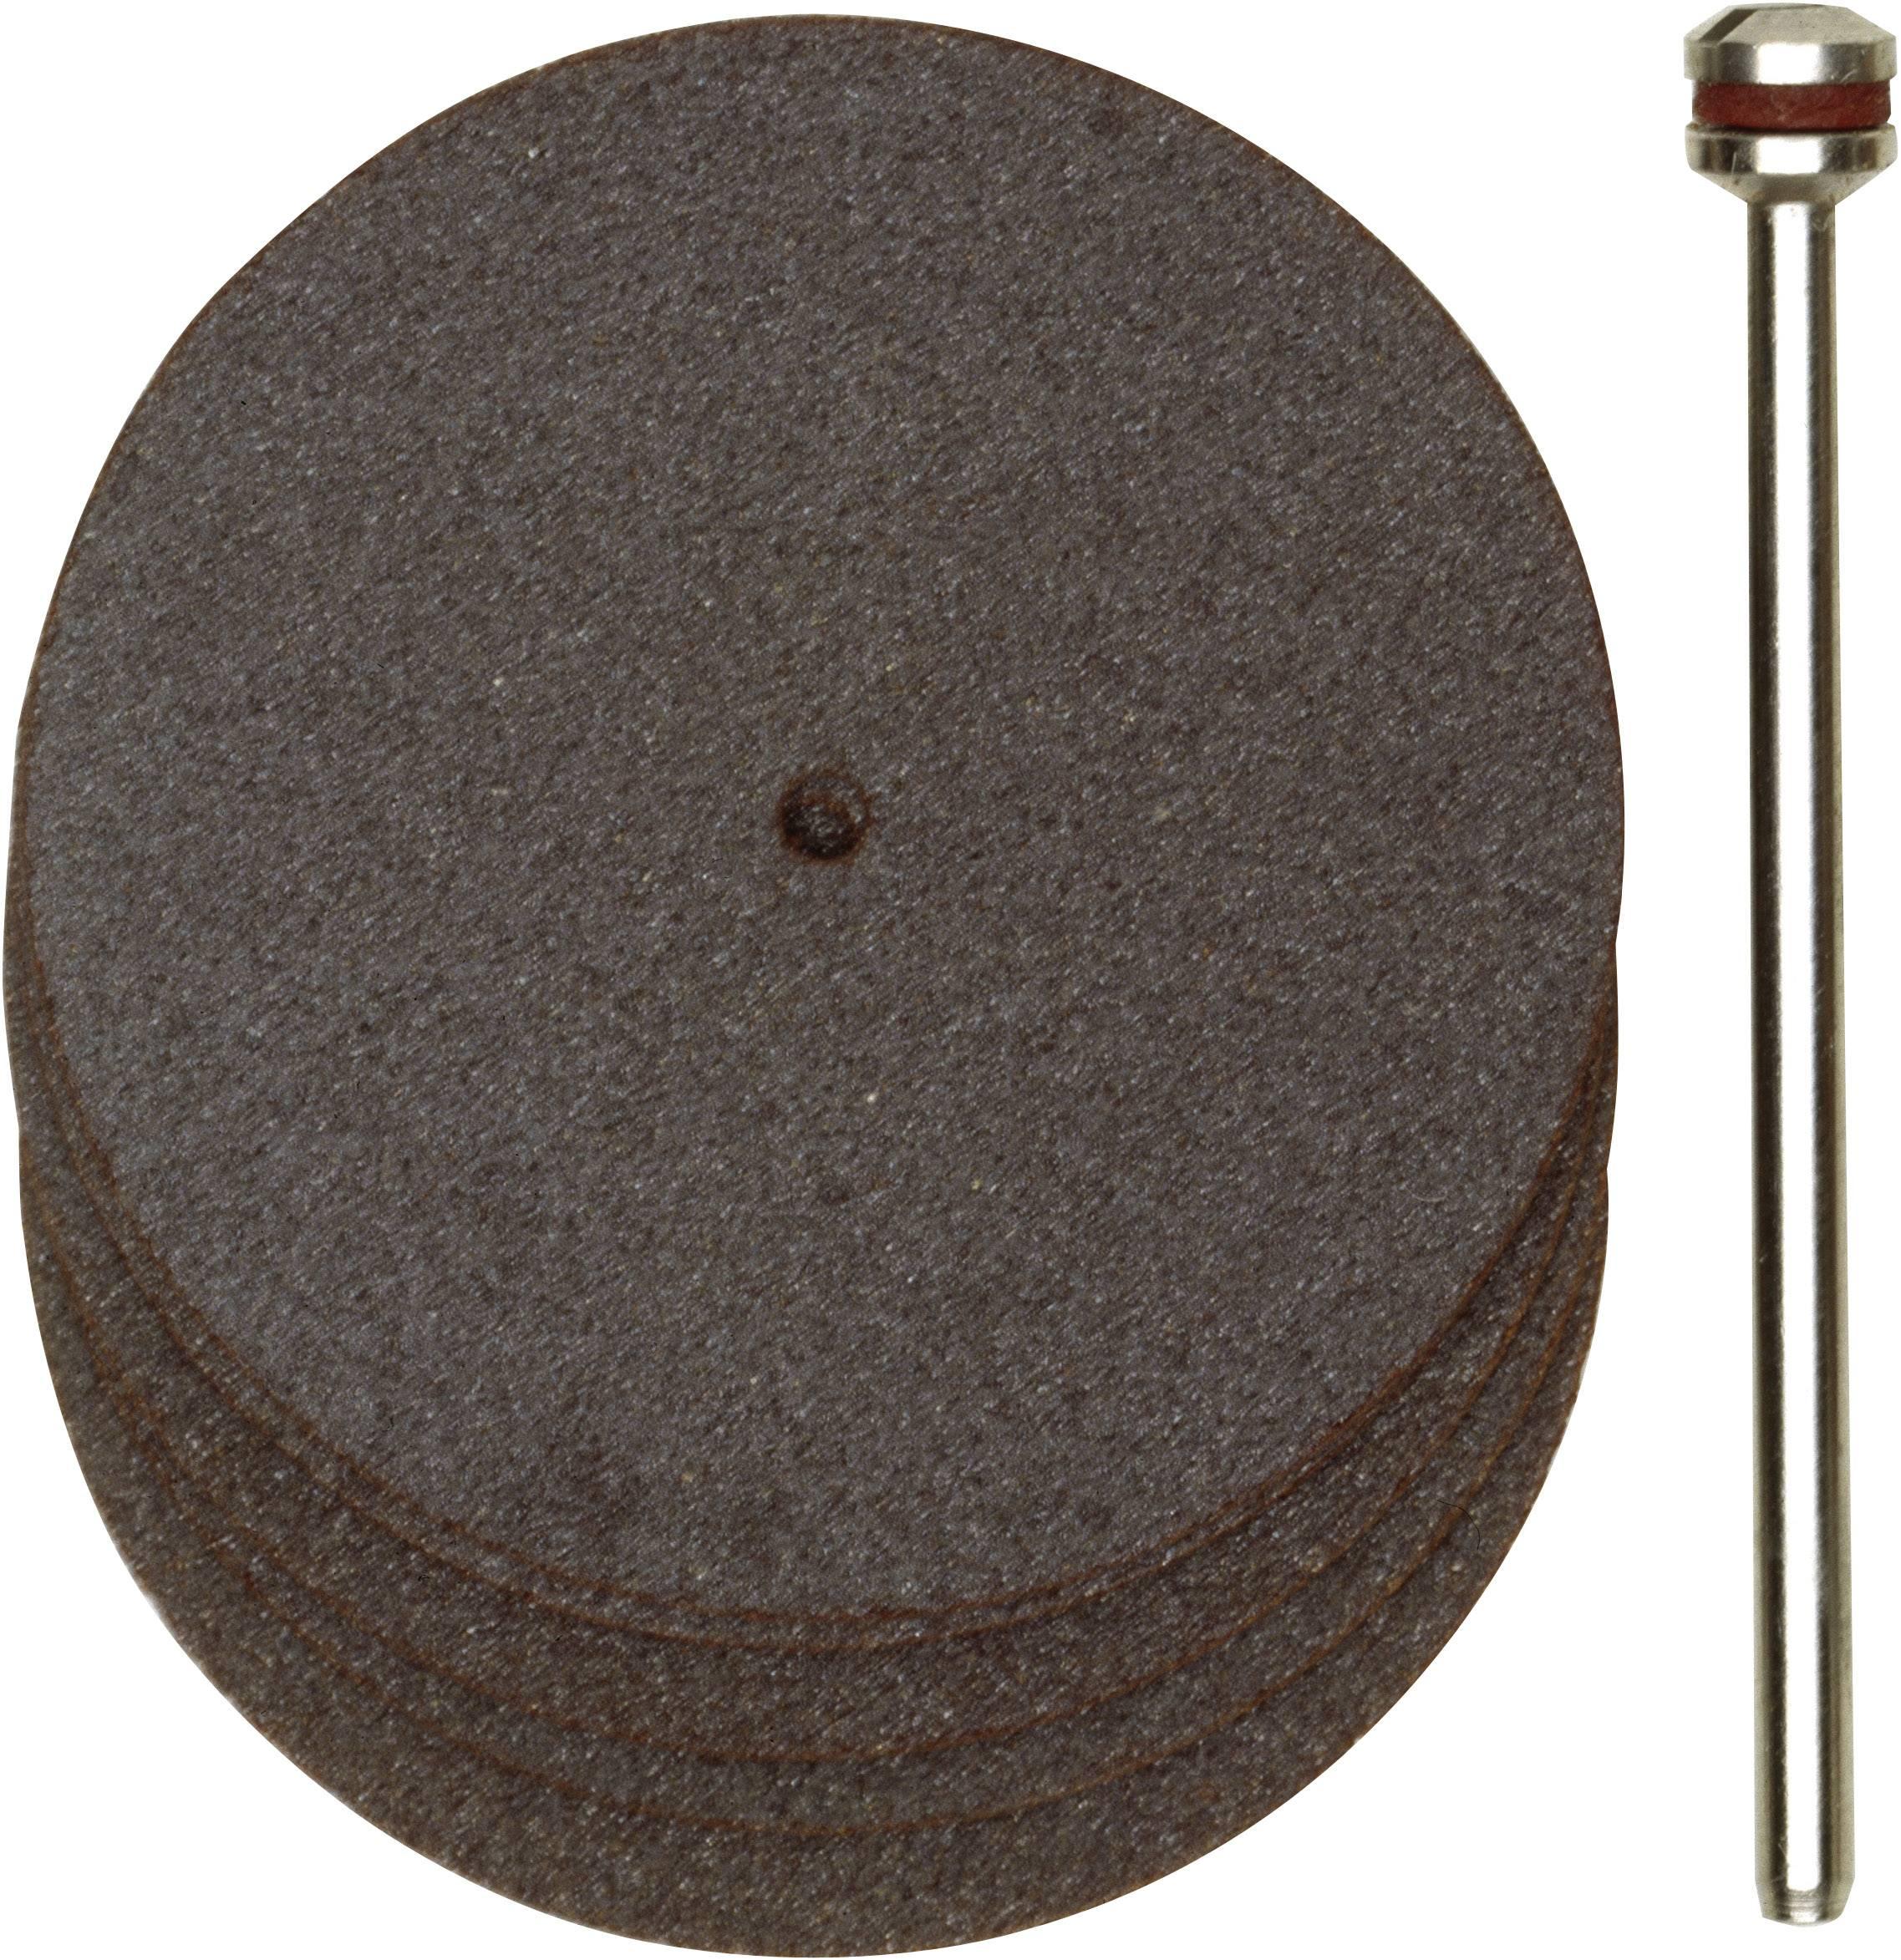 Sada rozbrušovacích kotoučů Proxxon Micromot 28 820, 38 mm, 6 ks